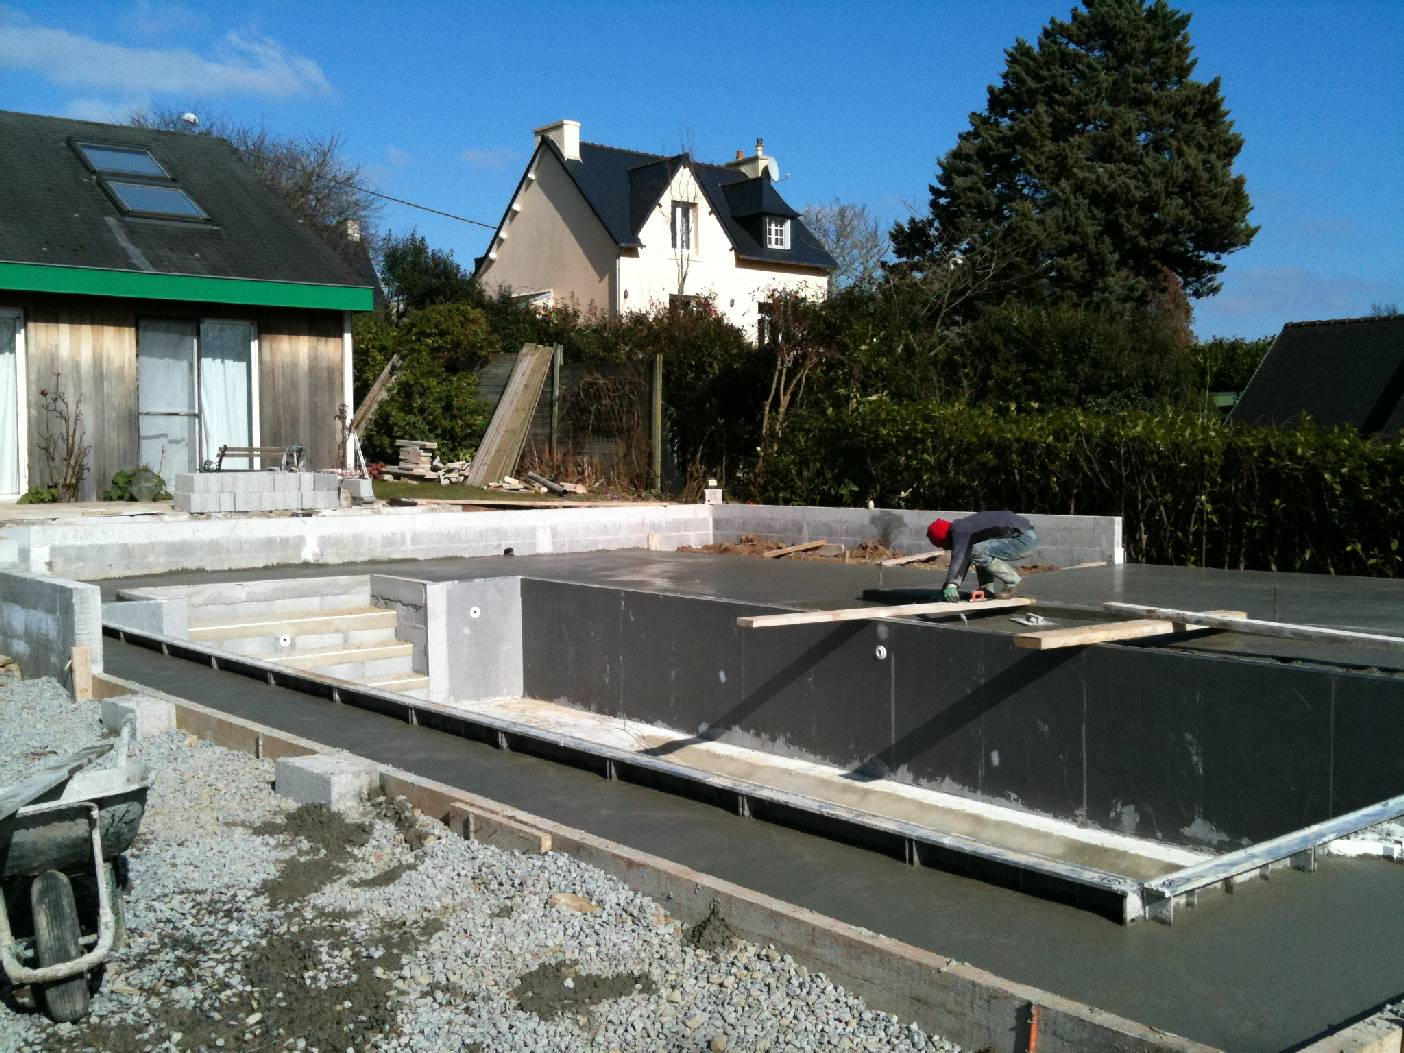 Amnagement des abords dune piscine  Quimper  Goalabre Construction